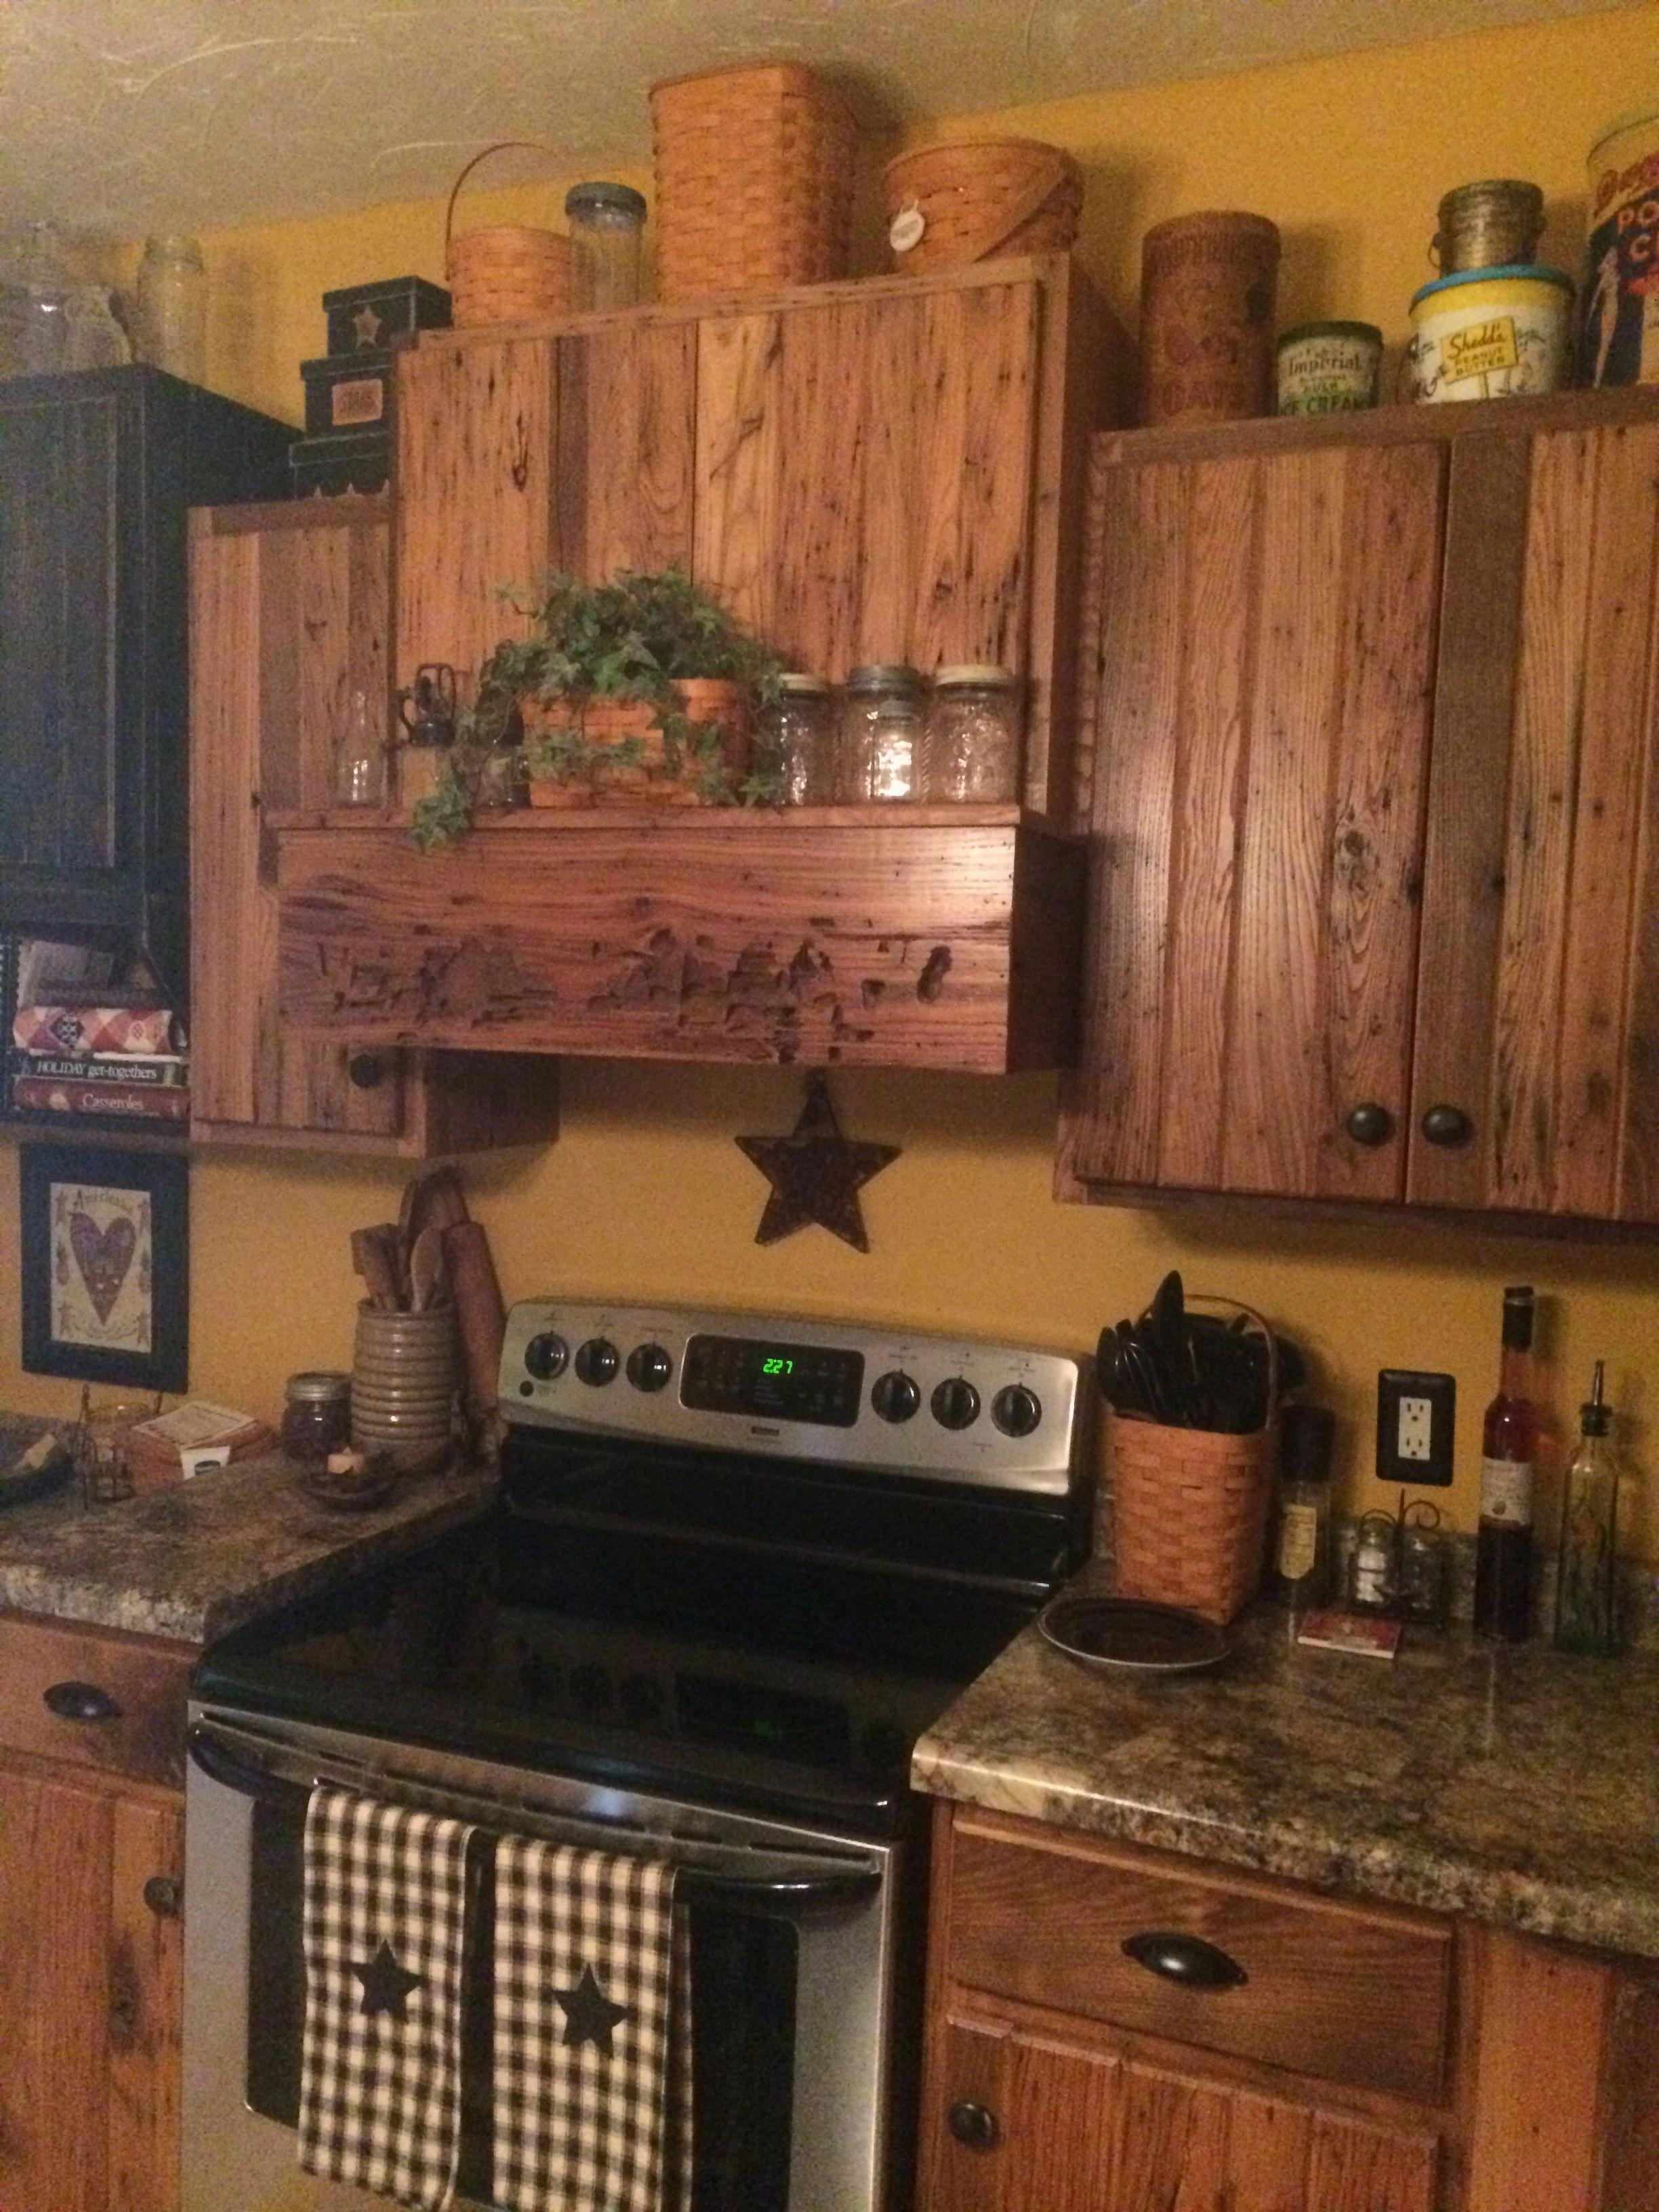 Wormy Chestnut Kitchen Designed By Me Worth All The Work Primitivekitchen Primitive Kitchen Decor Primitive Kitchen Cabinets Primitive Kitchen